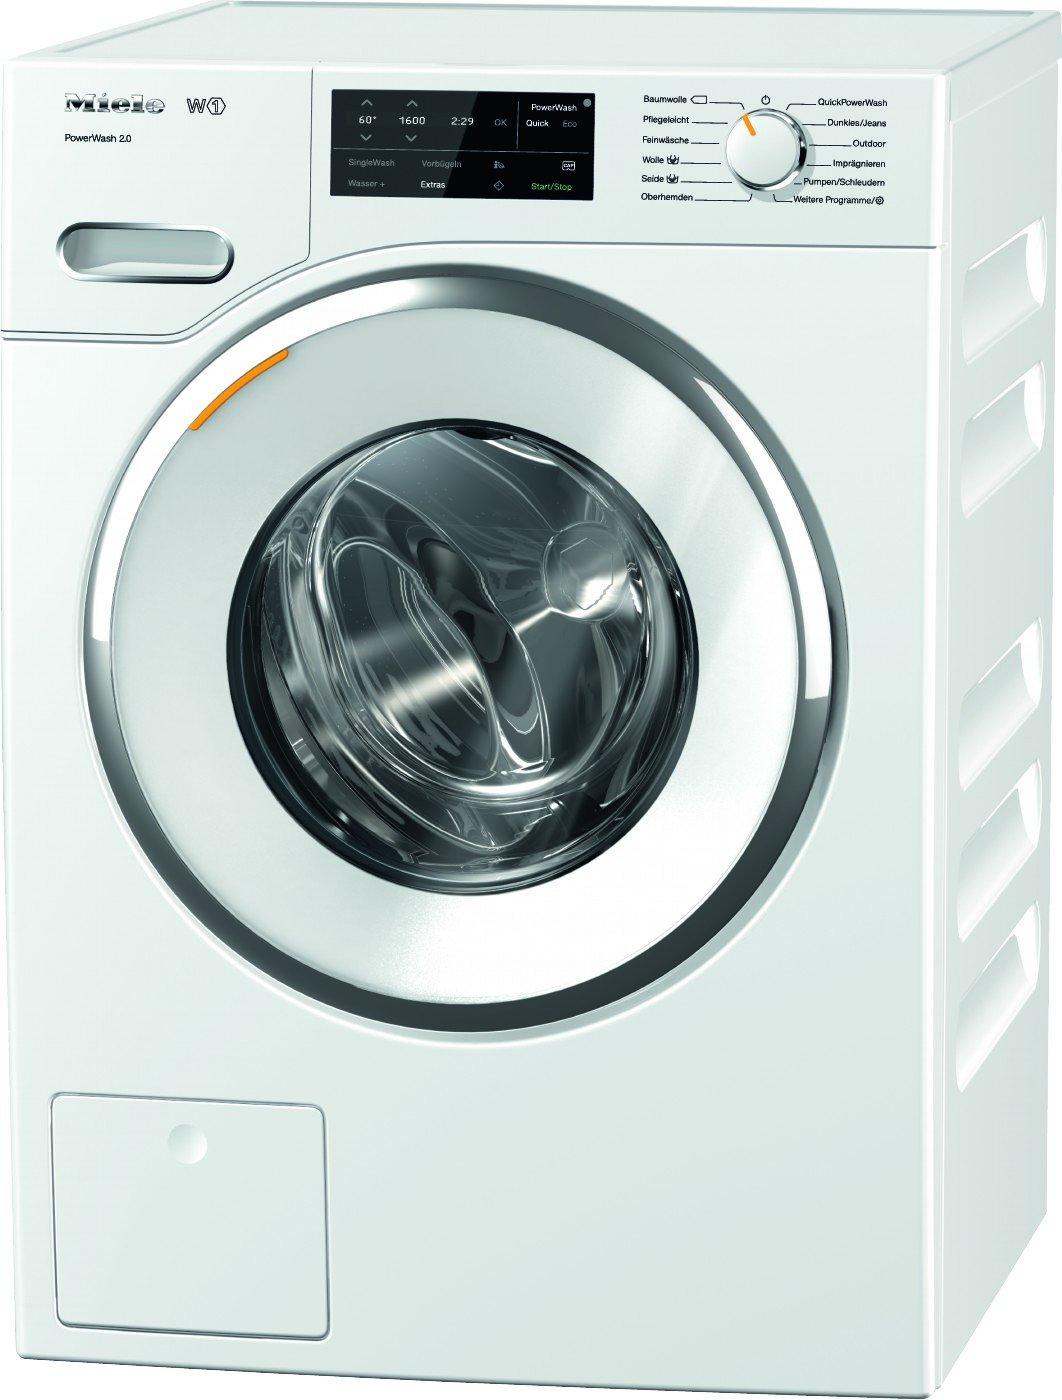 Miele-WWI-330-WPS-Waschmaschine-Frontlader-Energieklasse-A-130-kWhJahr-1600-UpM-9-kg-Schontrommel-59min-Waschprogramm-mit-PowerWash-20-Vorbgel-Funktion-fr-leichteres-Bgeln